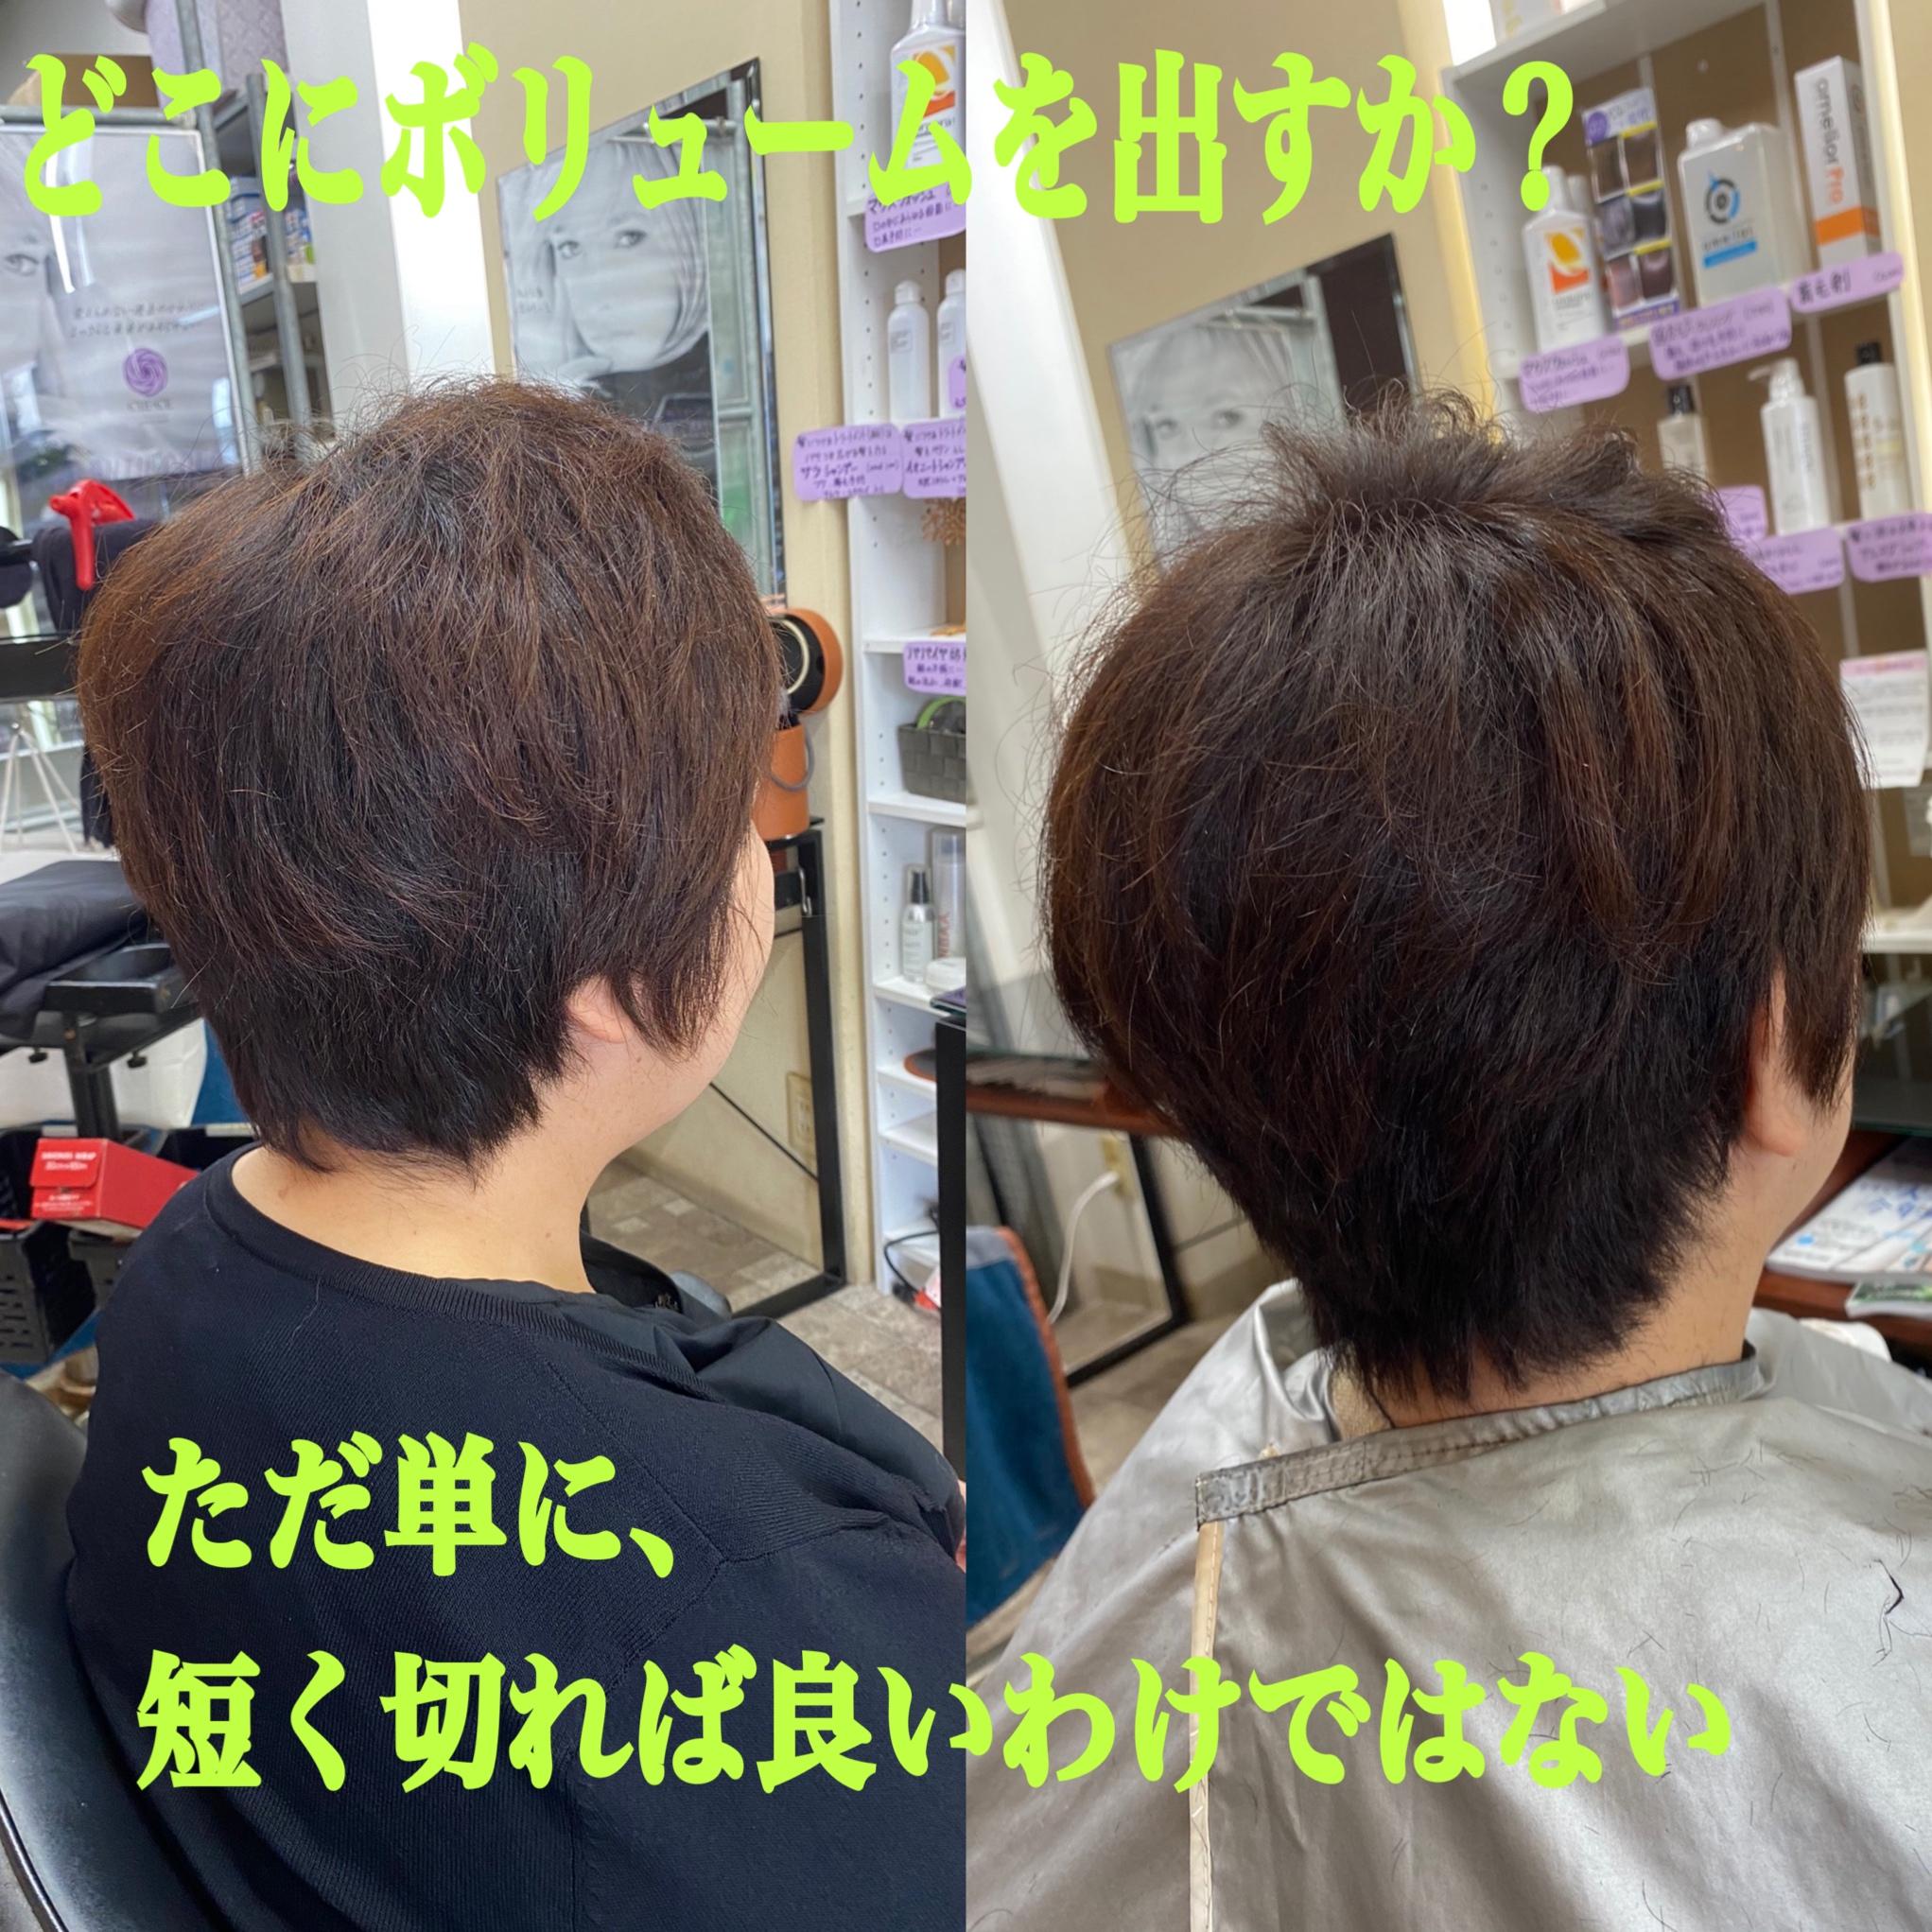 髪の悩み改善、ただ単に髪を短く切れば良いわけではない